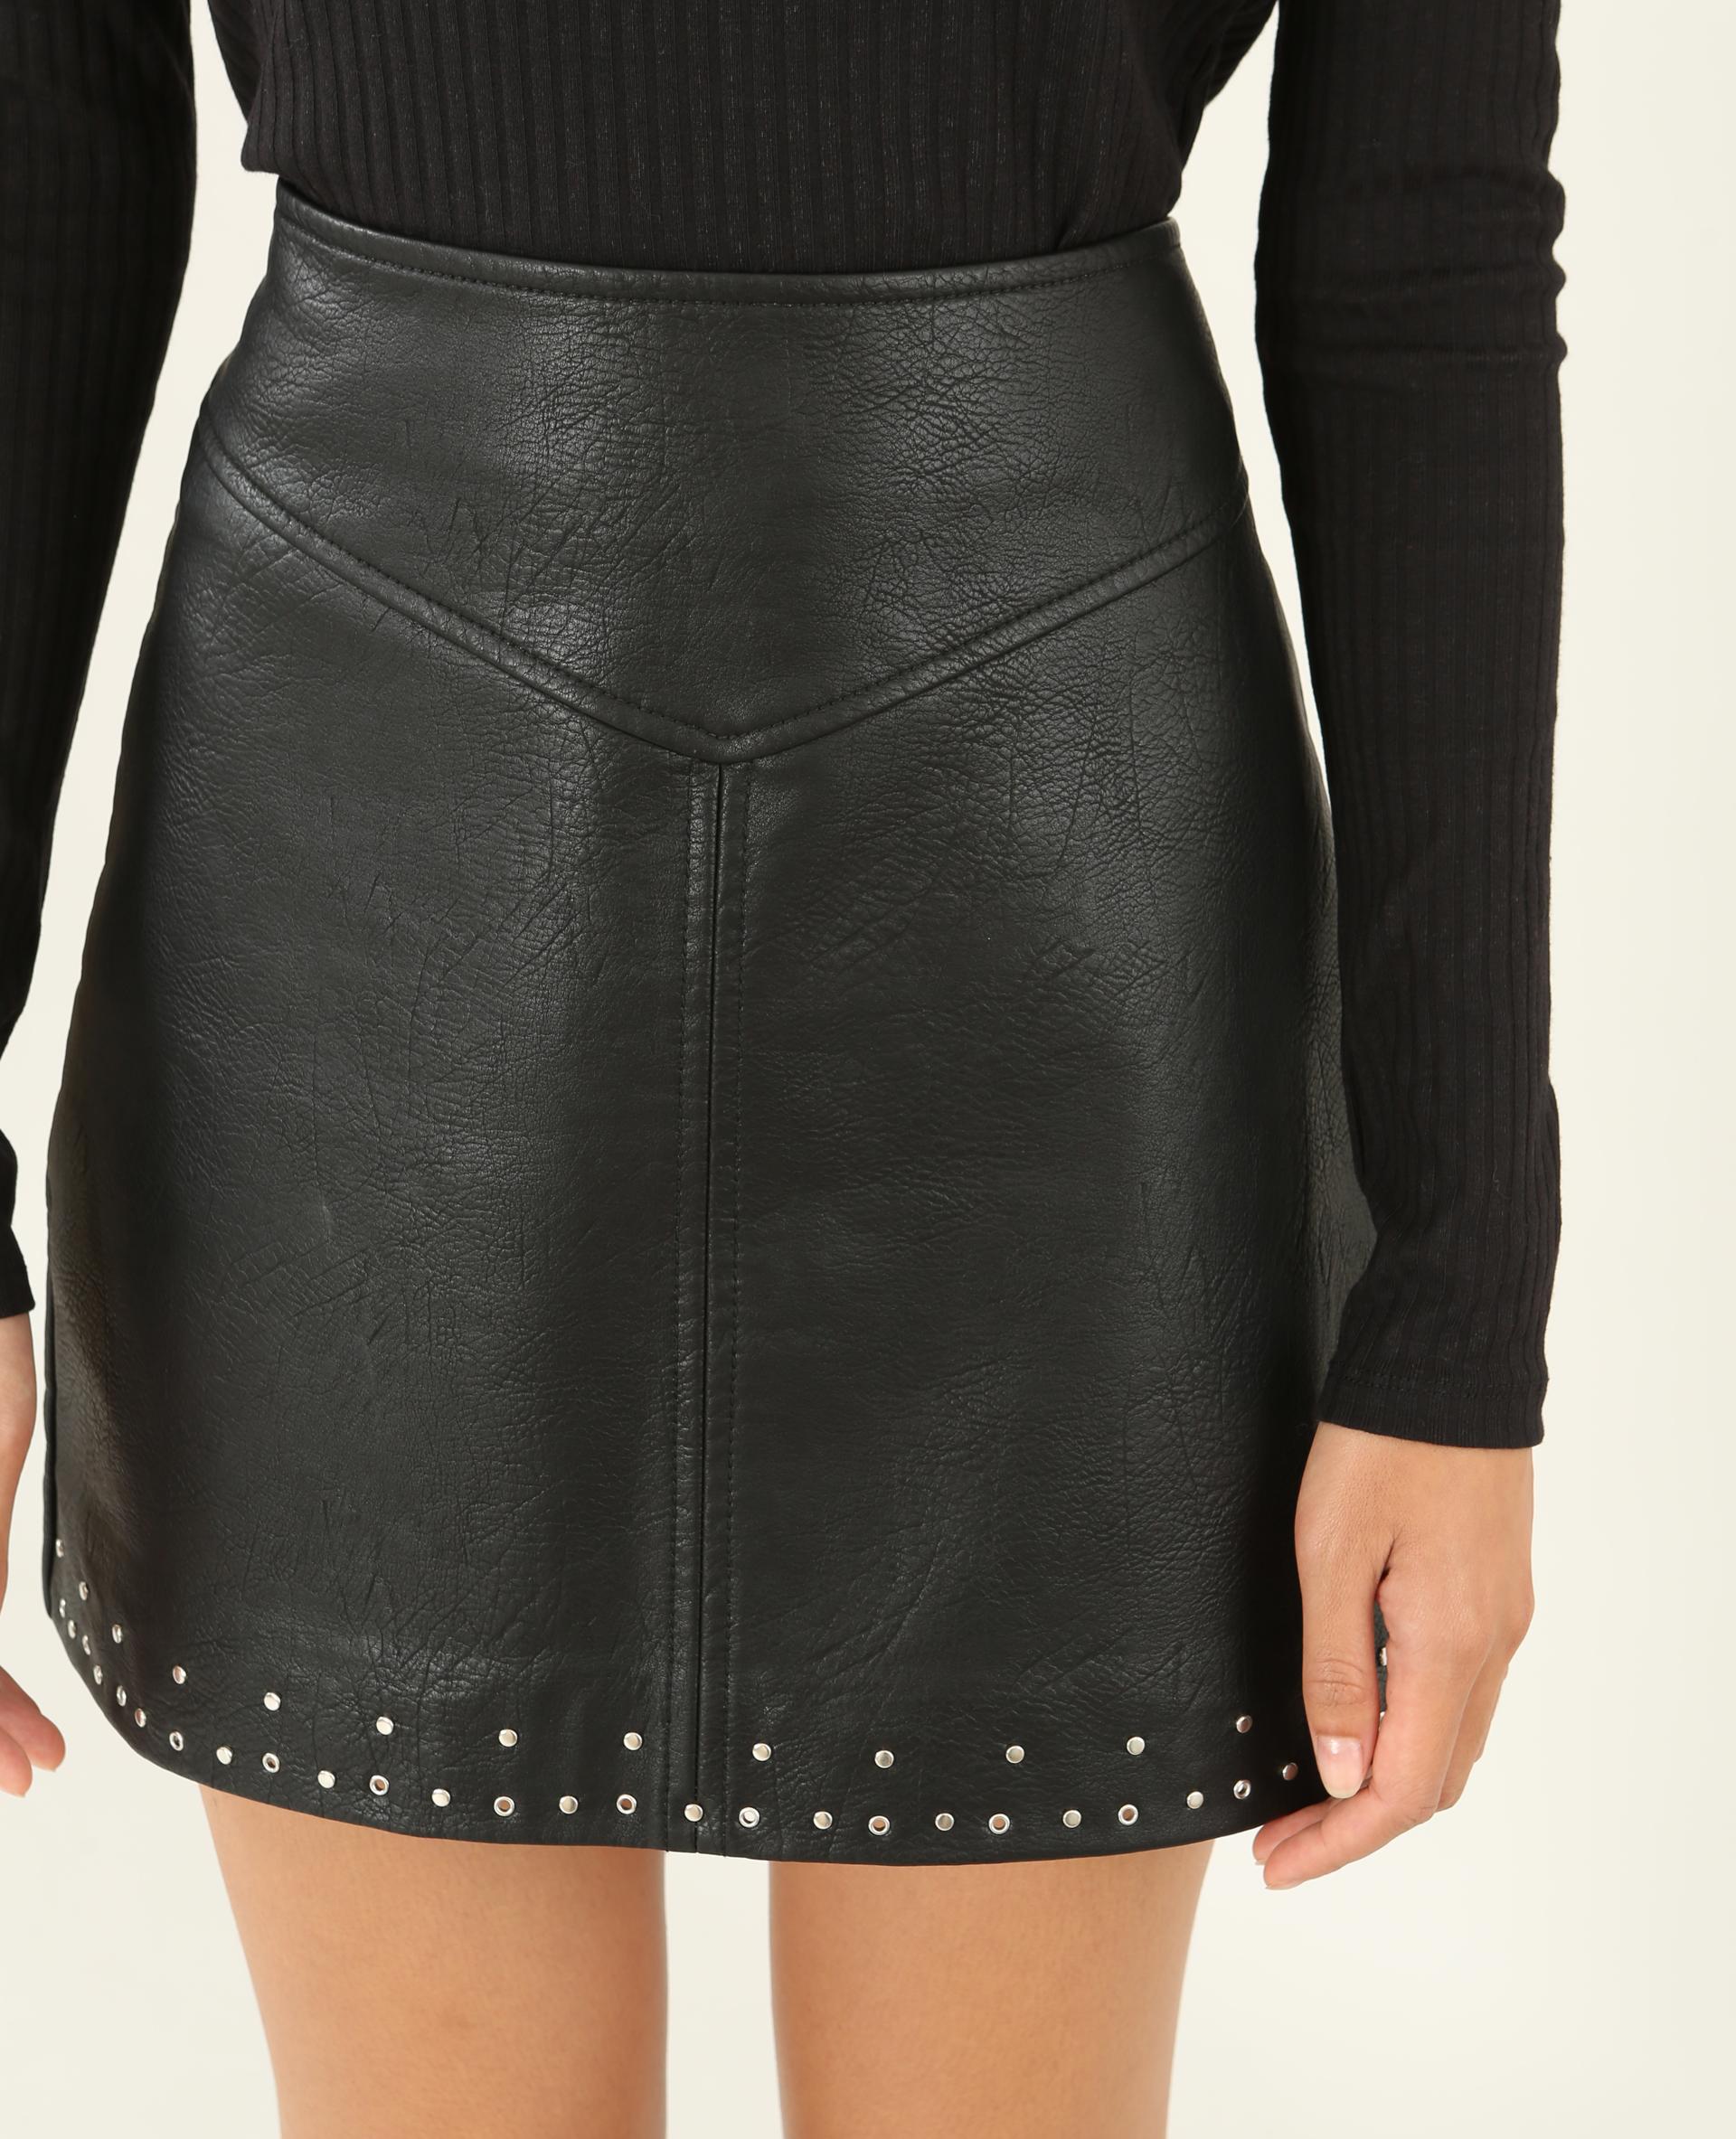 de784359c58cf7 Mini jupe en simili cuir noir - 690401899A08 | Pimkie